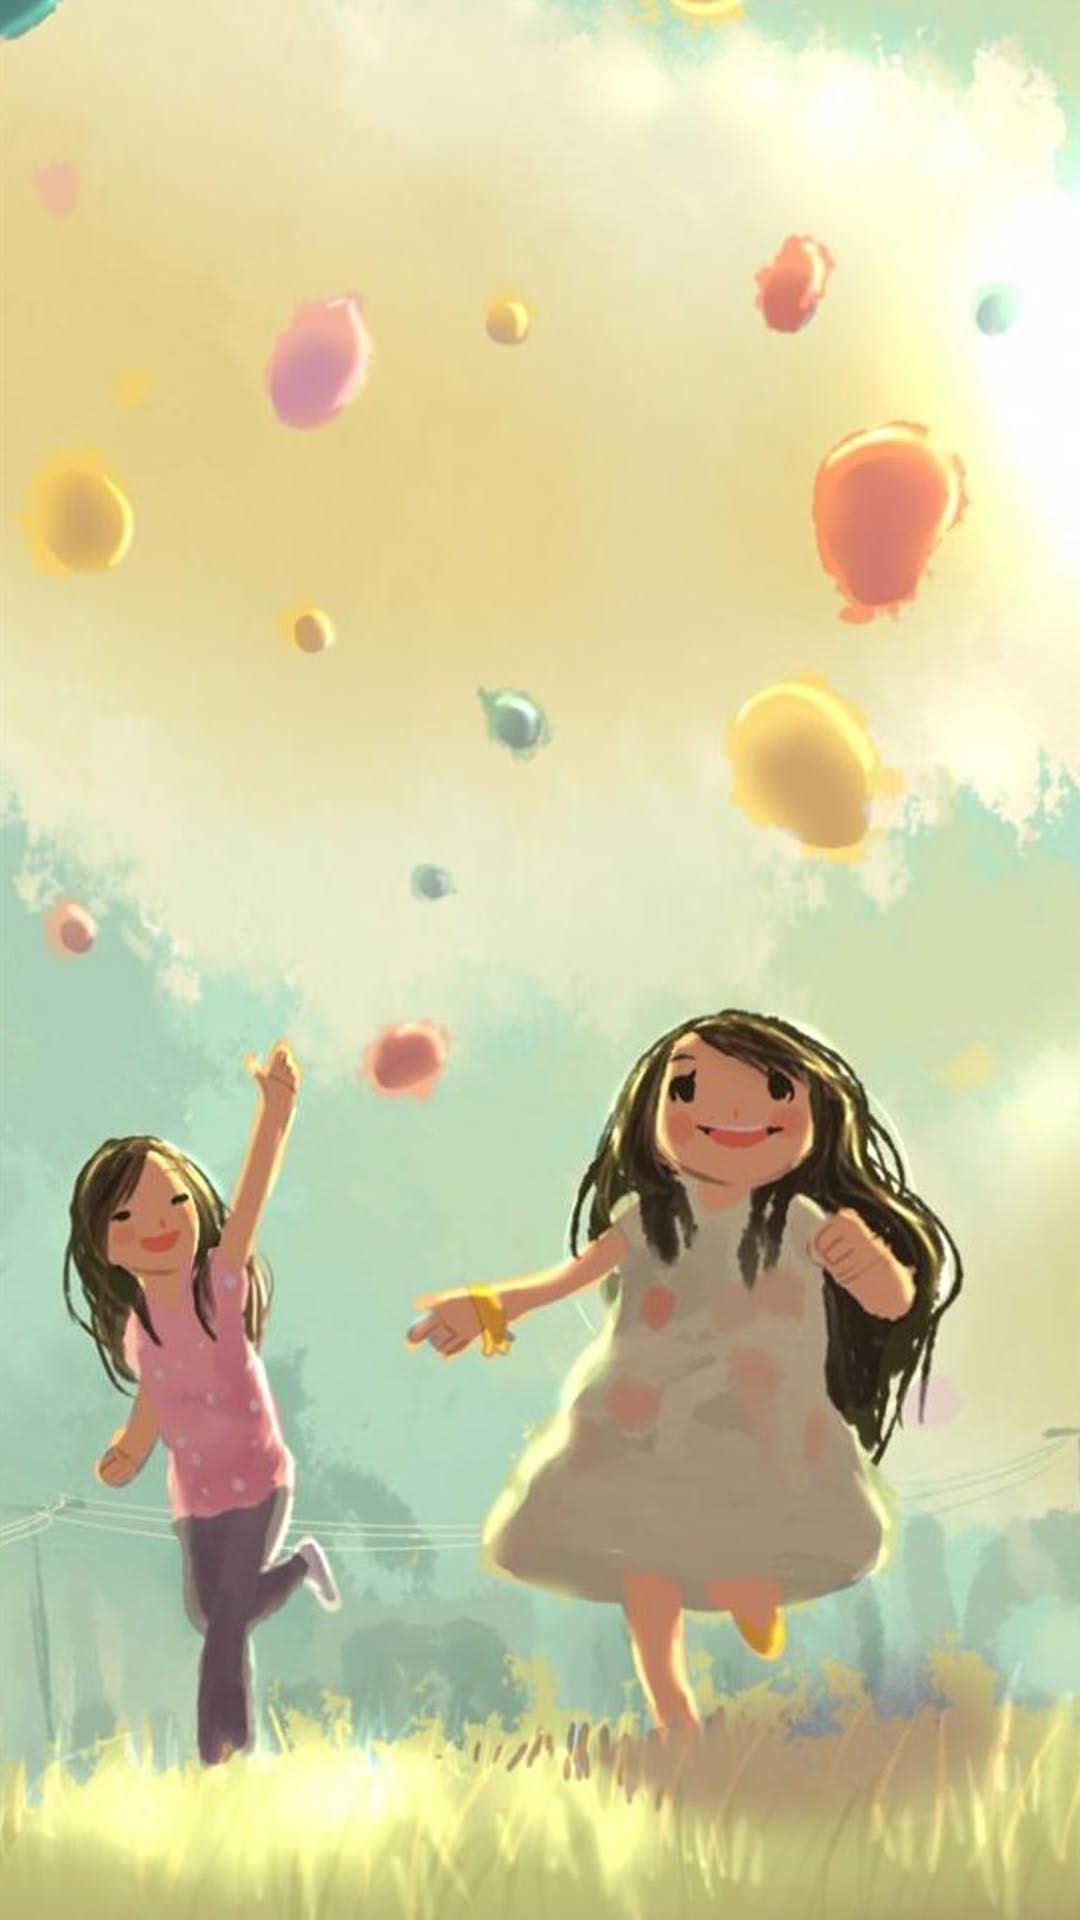 風船と少女 iPhon6壁紙